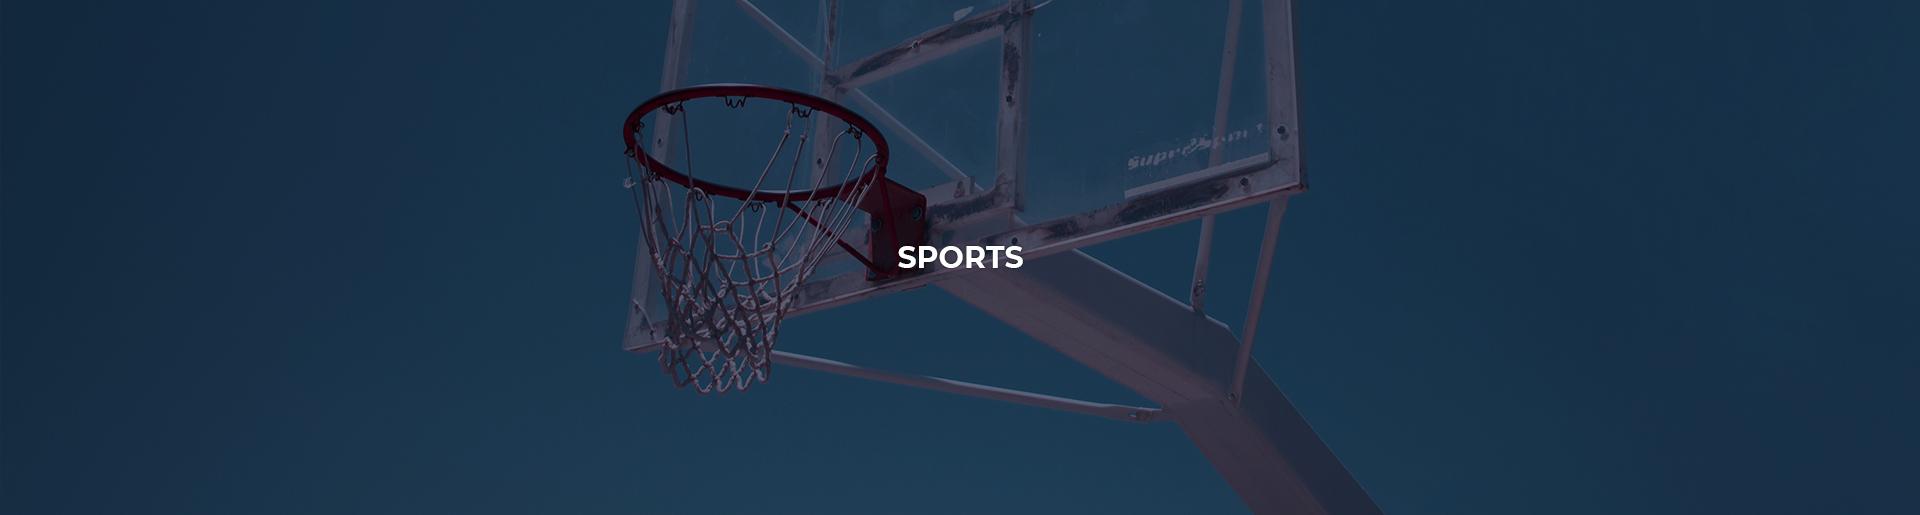 sports_t.jpg